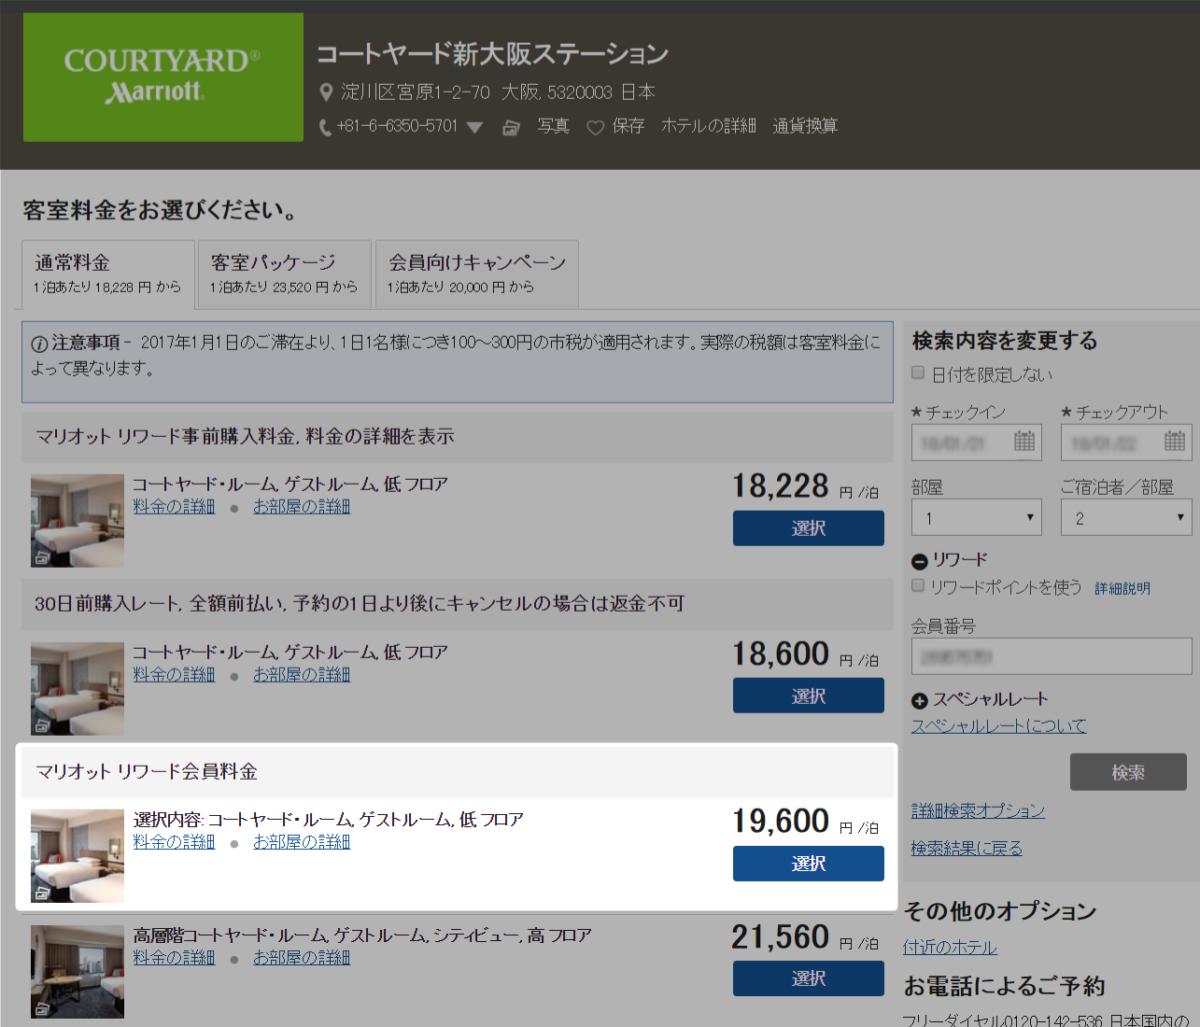 マリオット公式サイトでコートヤード新大阪ステーションを予約